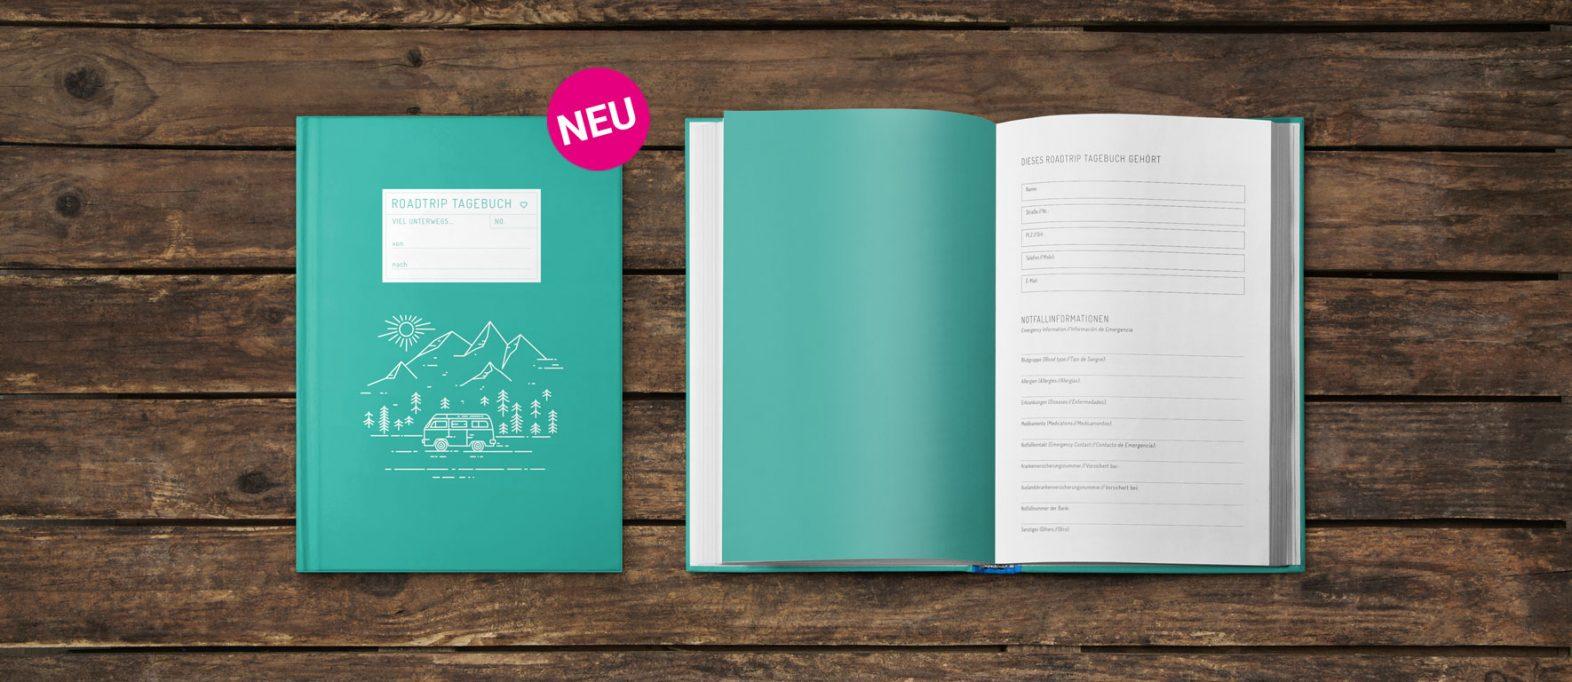 Reisetagebuch schreiben: Tipps zum gestalten, schreiben und kaufen